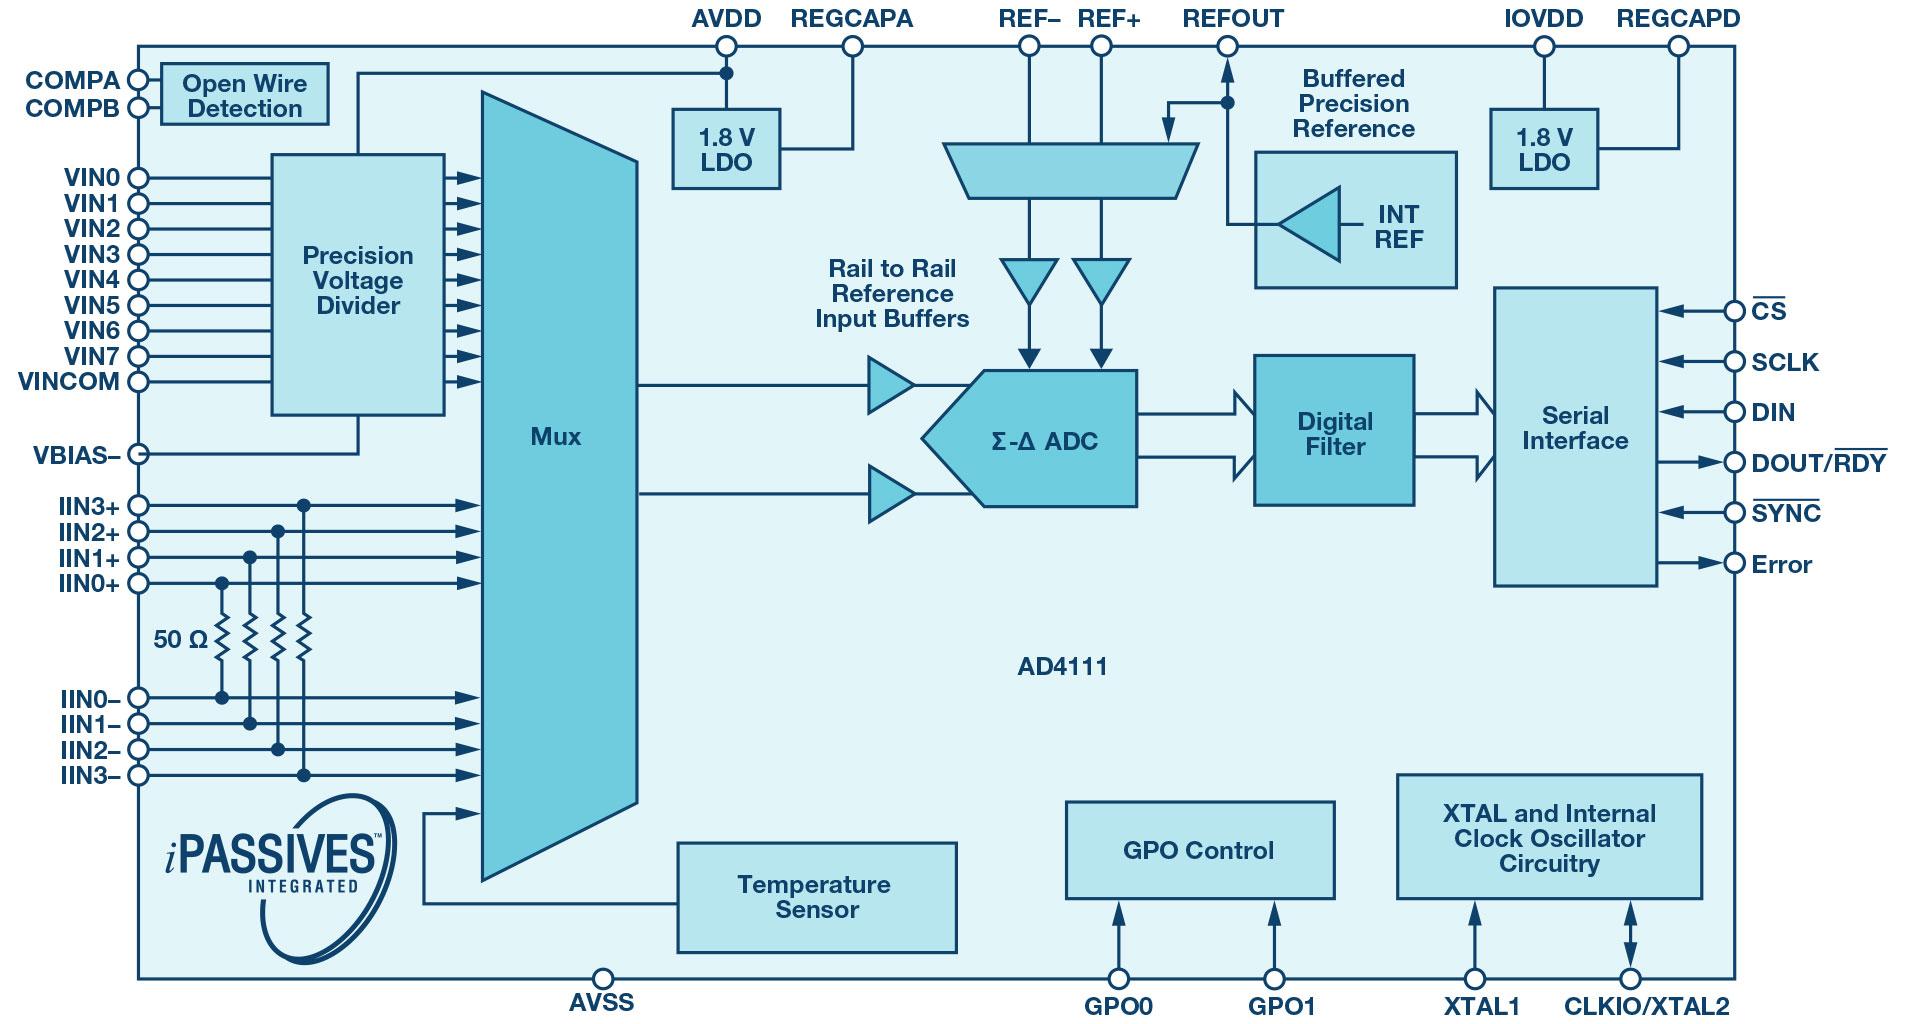 使用AD4111转换器简化过程控制应用的模拟输入模块设计